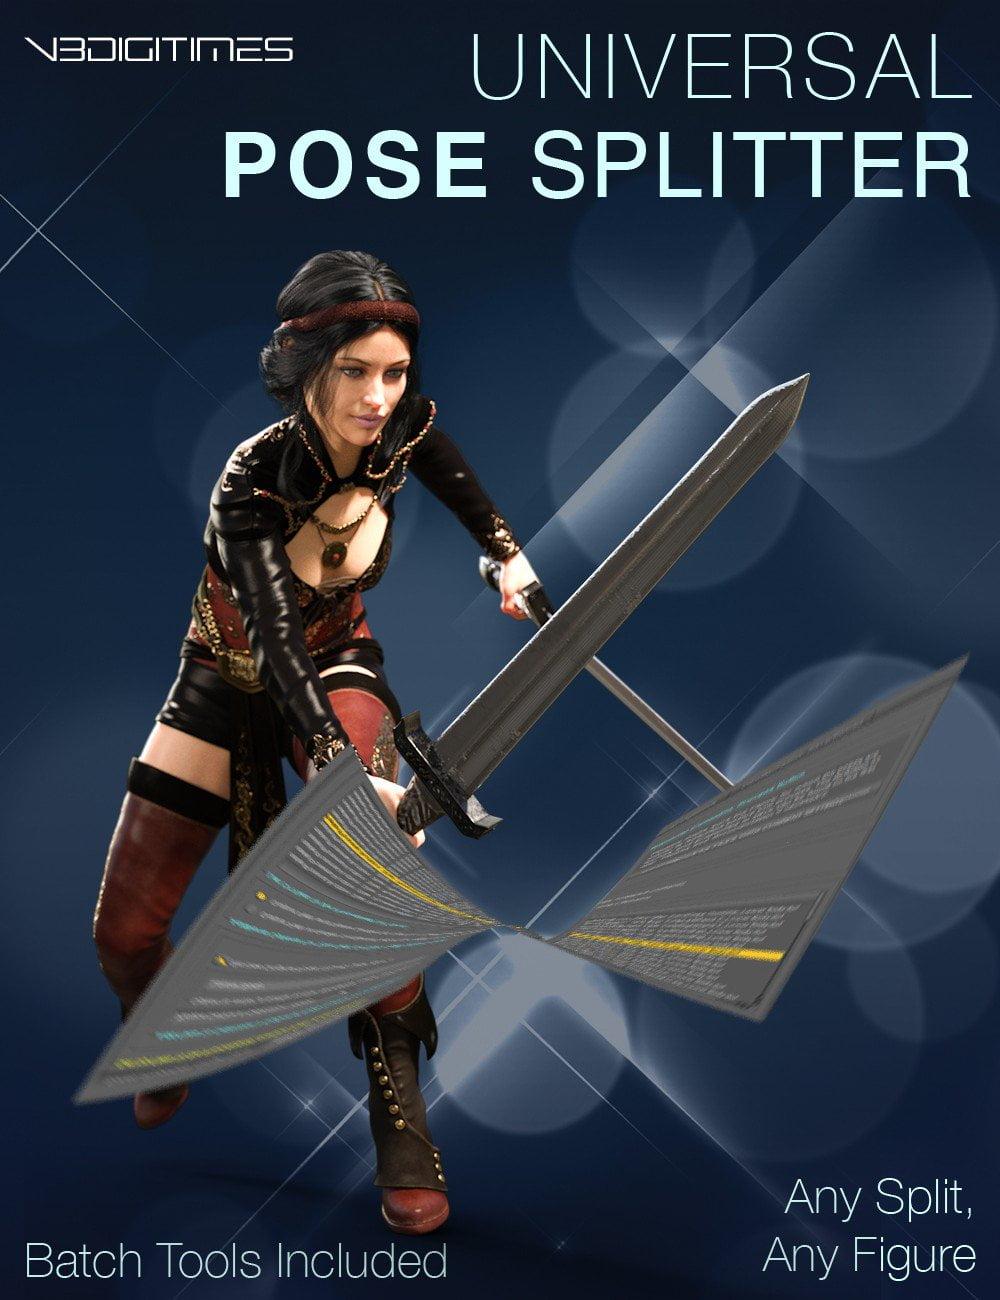 Universal Pose Splitter